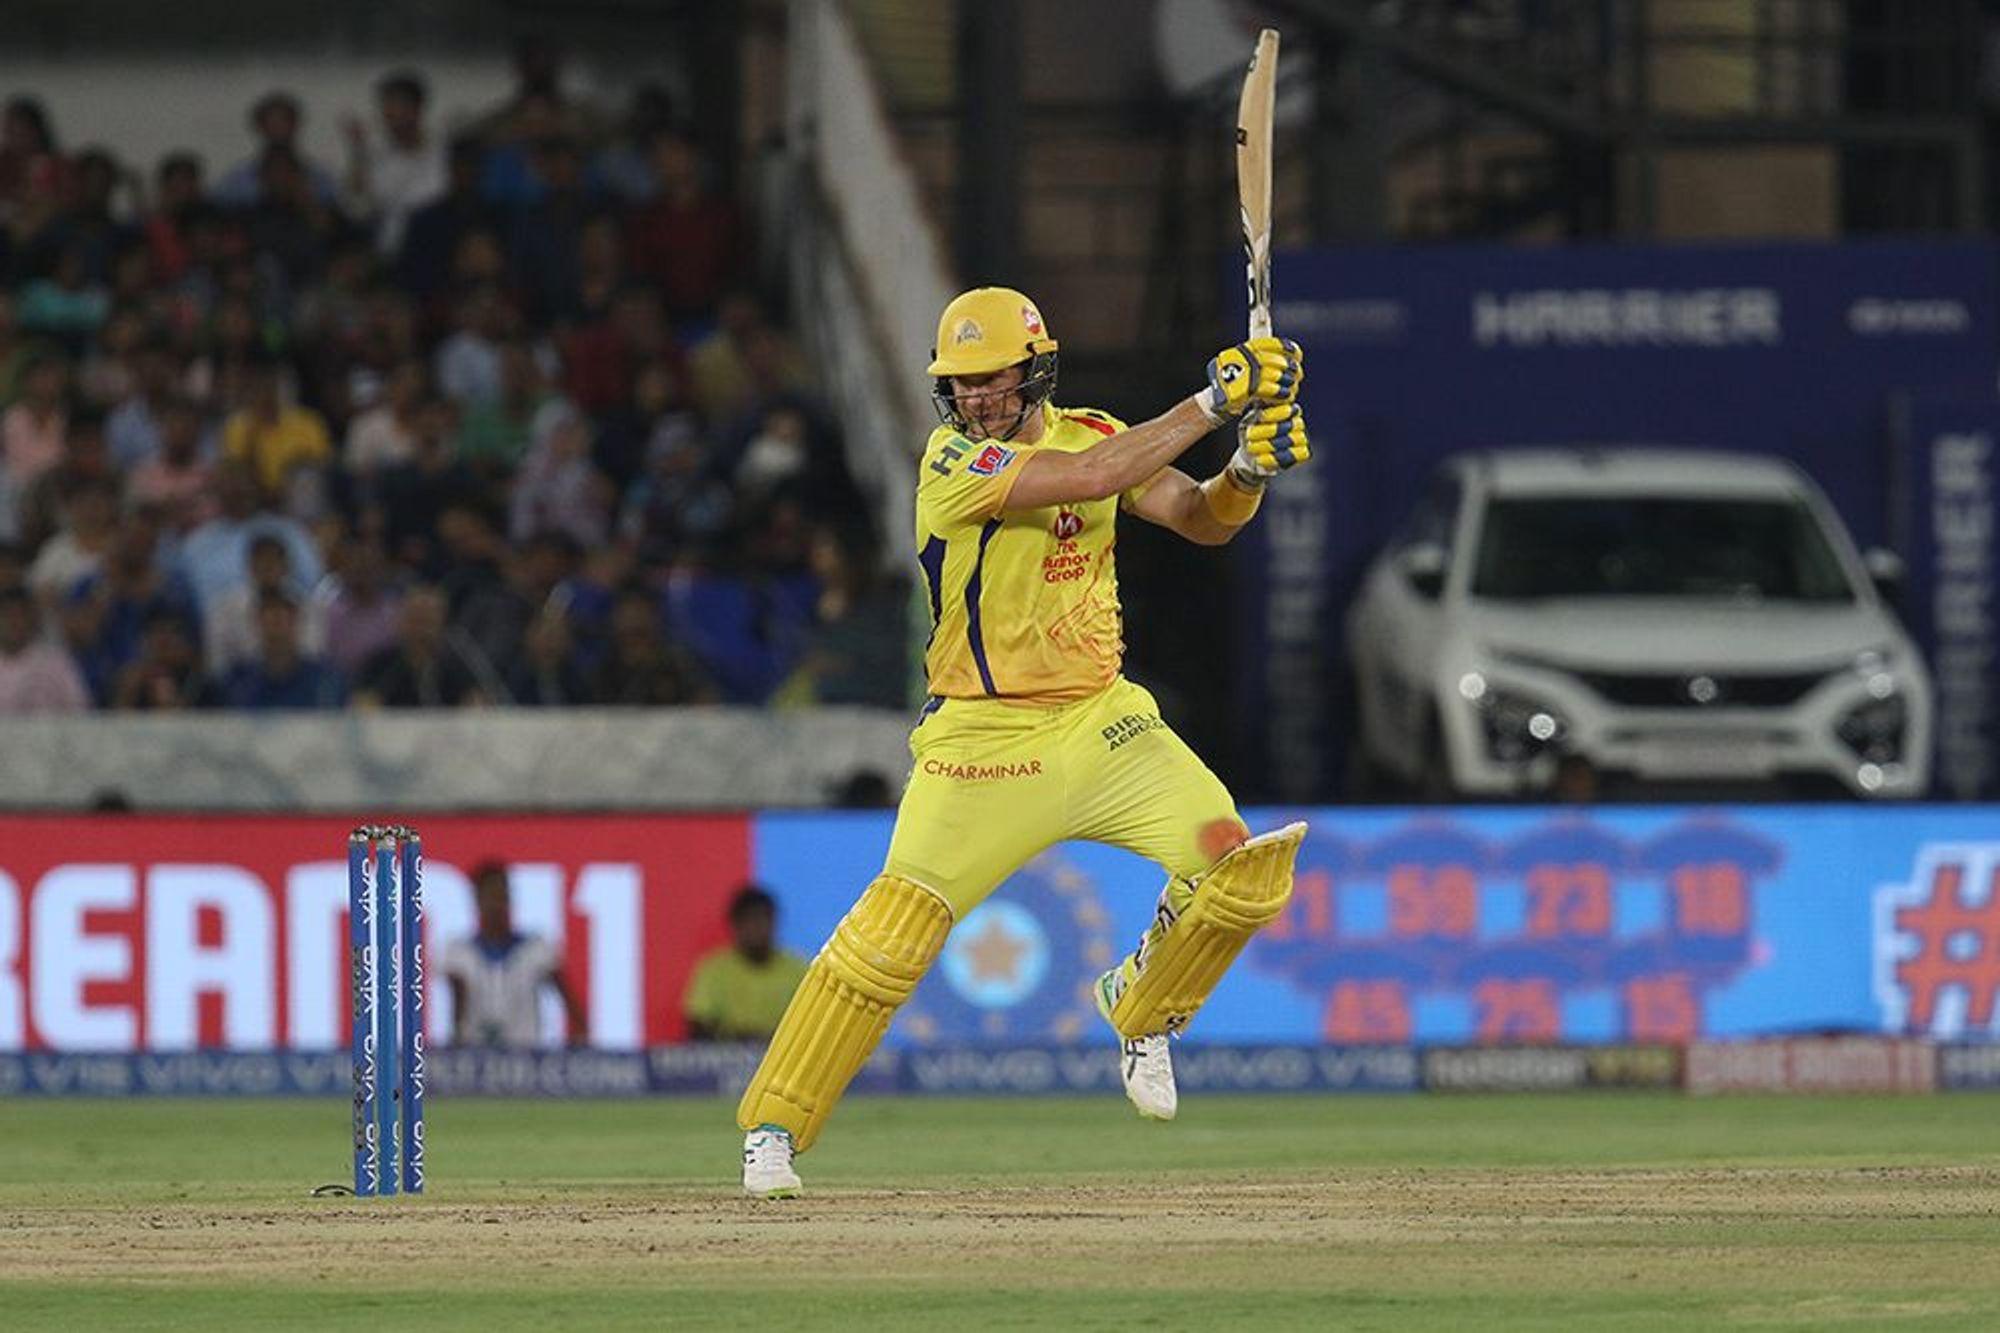 आईपीएल 12 के फाइनल में वॉटसन ने 59 गेंदों पर आठ चौके और चार छक्के की मदद से 80रनों की पारी खेली लेकिन 20वें ओवर की चौथी गेंद पर वो क्रुणाल पंड्या के हाथों रन आउट हो गए. दो रन चुराने के चक्कर में वॉटसन ने तेज दौड़ लगाई लेकिन वो क्रीज तक नहीं पहुंच सके.(Photo-IPL)